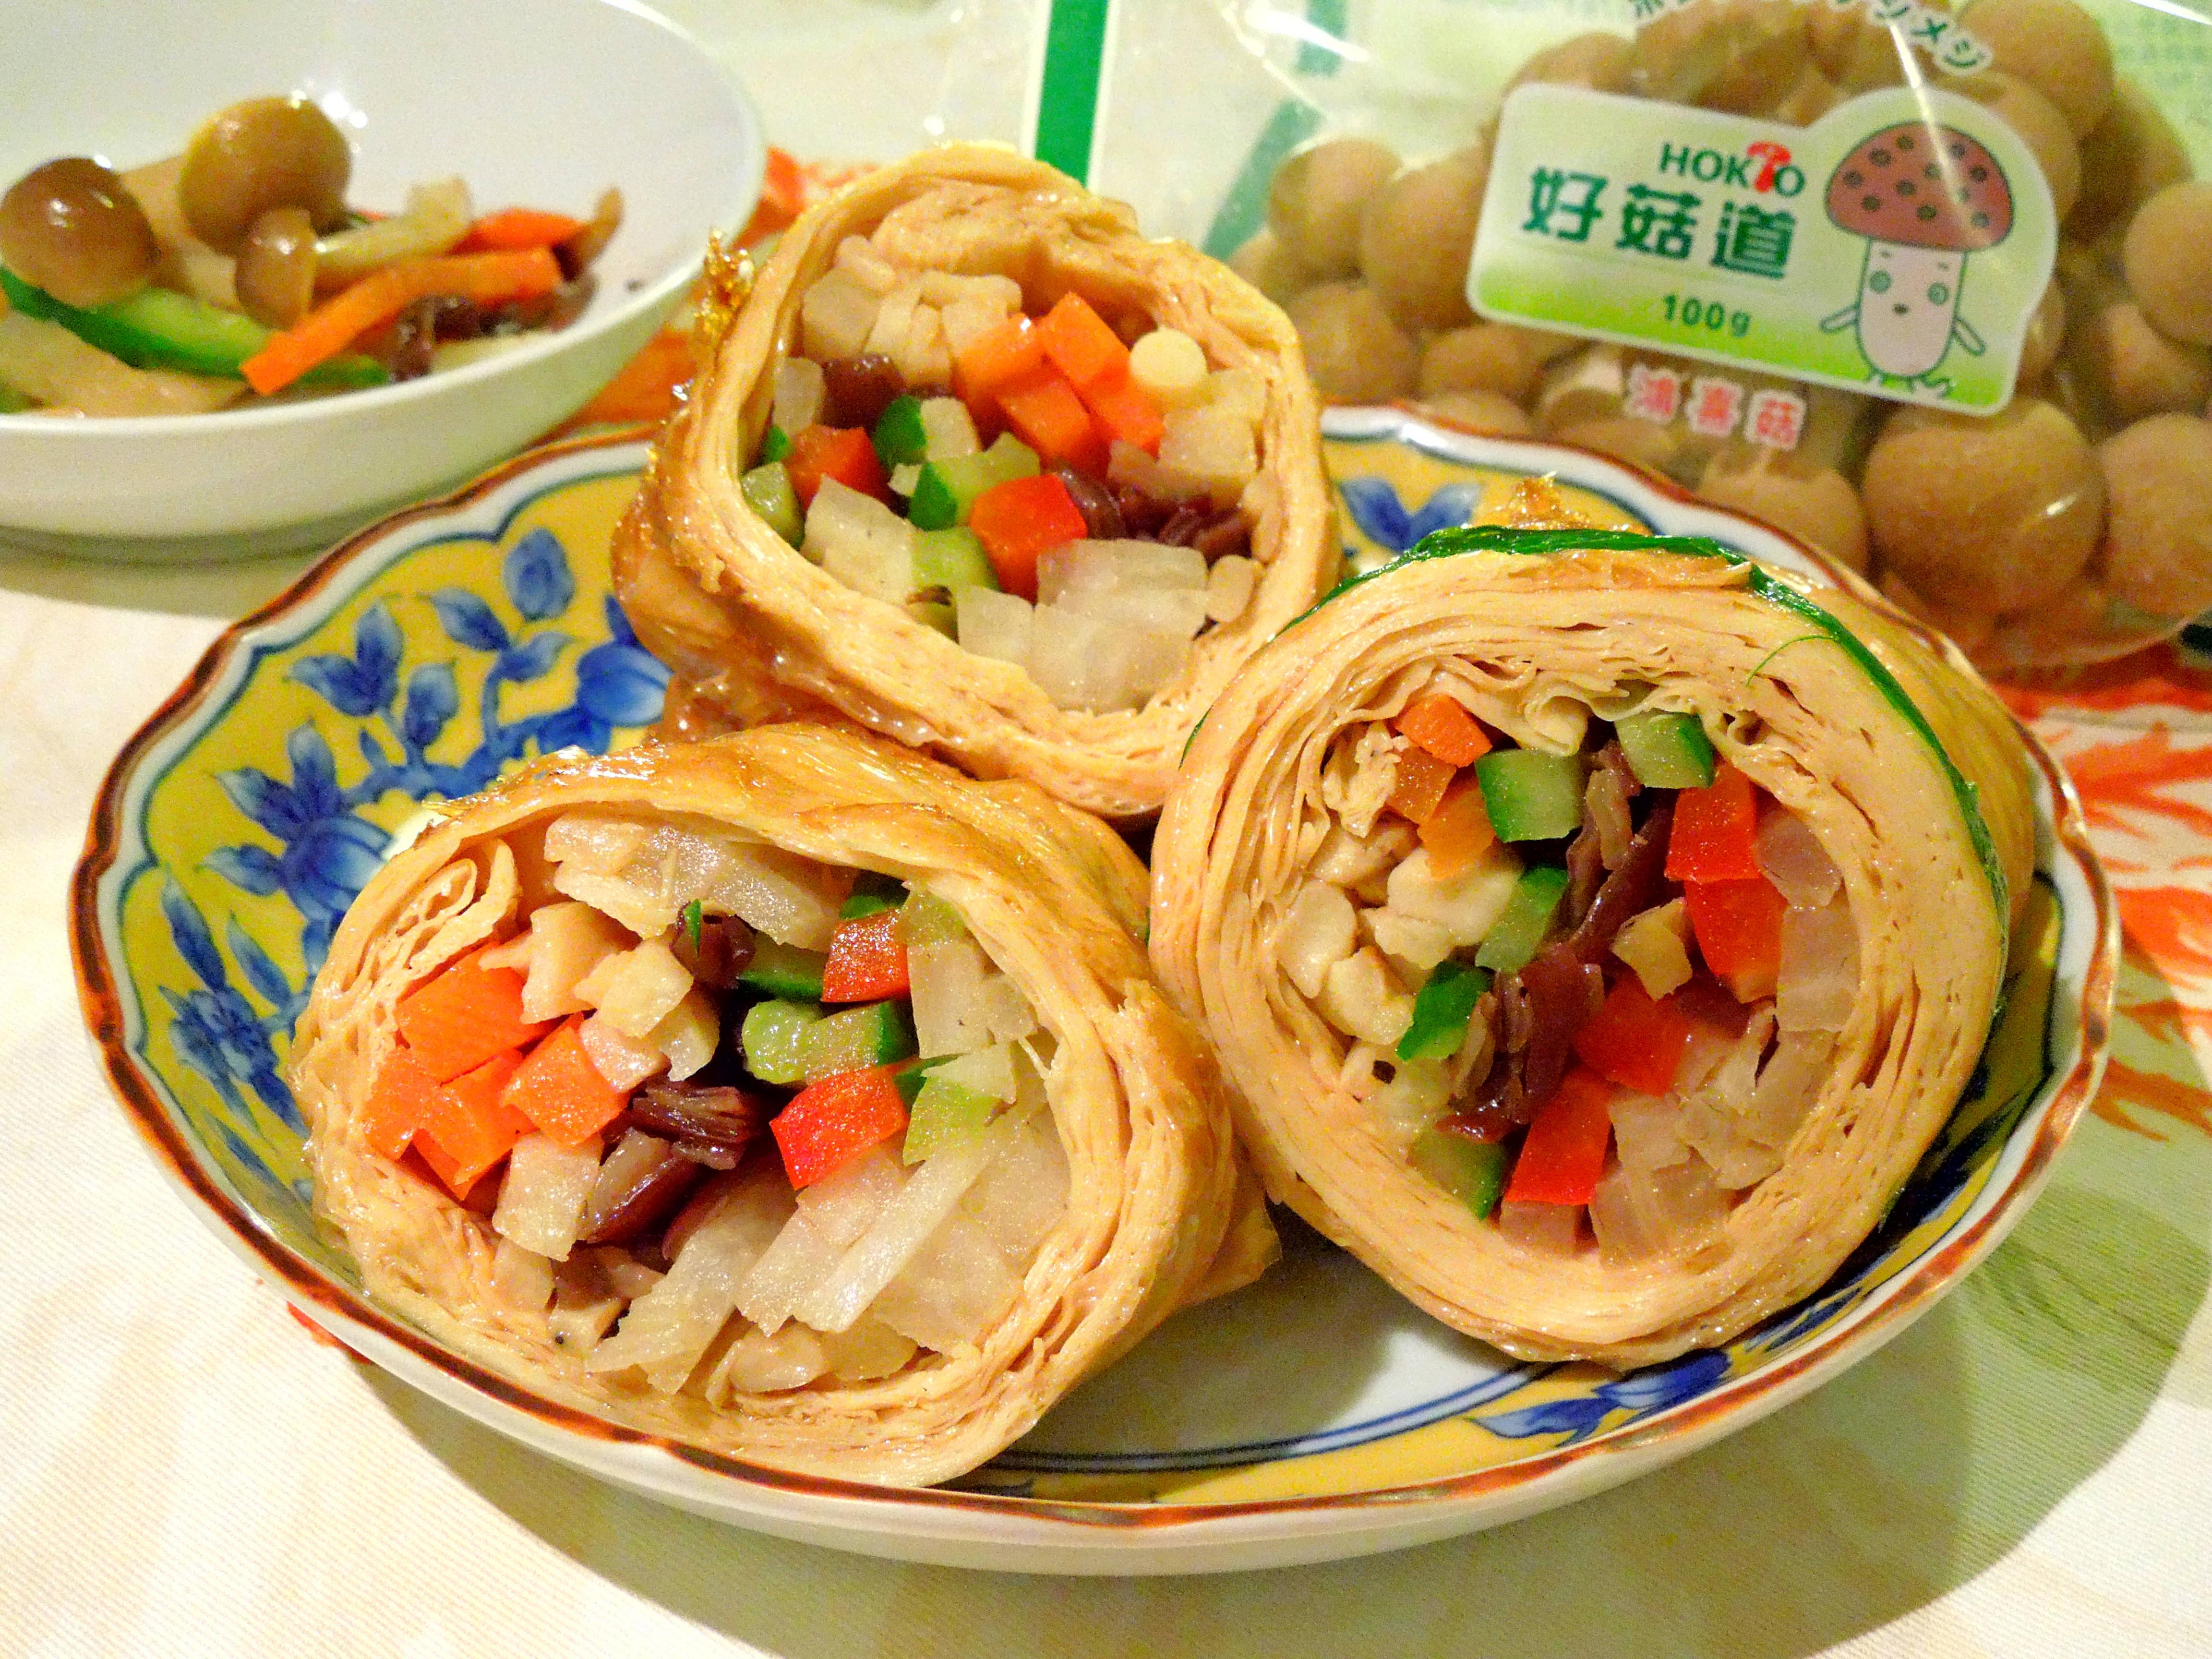 好菇蔬菜豆包捲-好菇道美味家廚